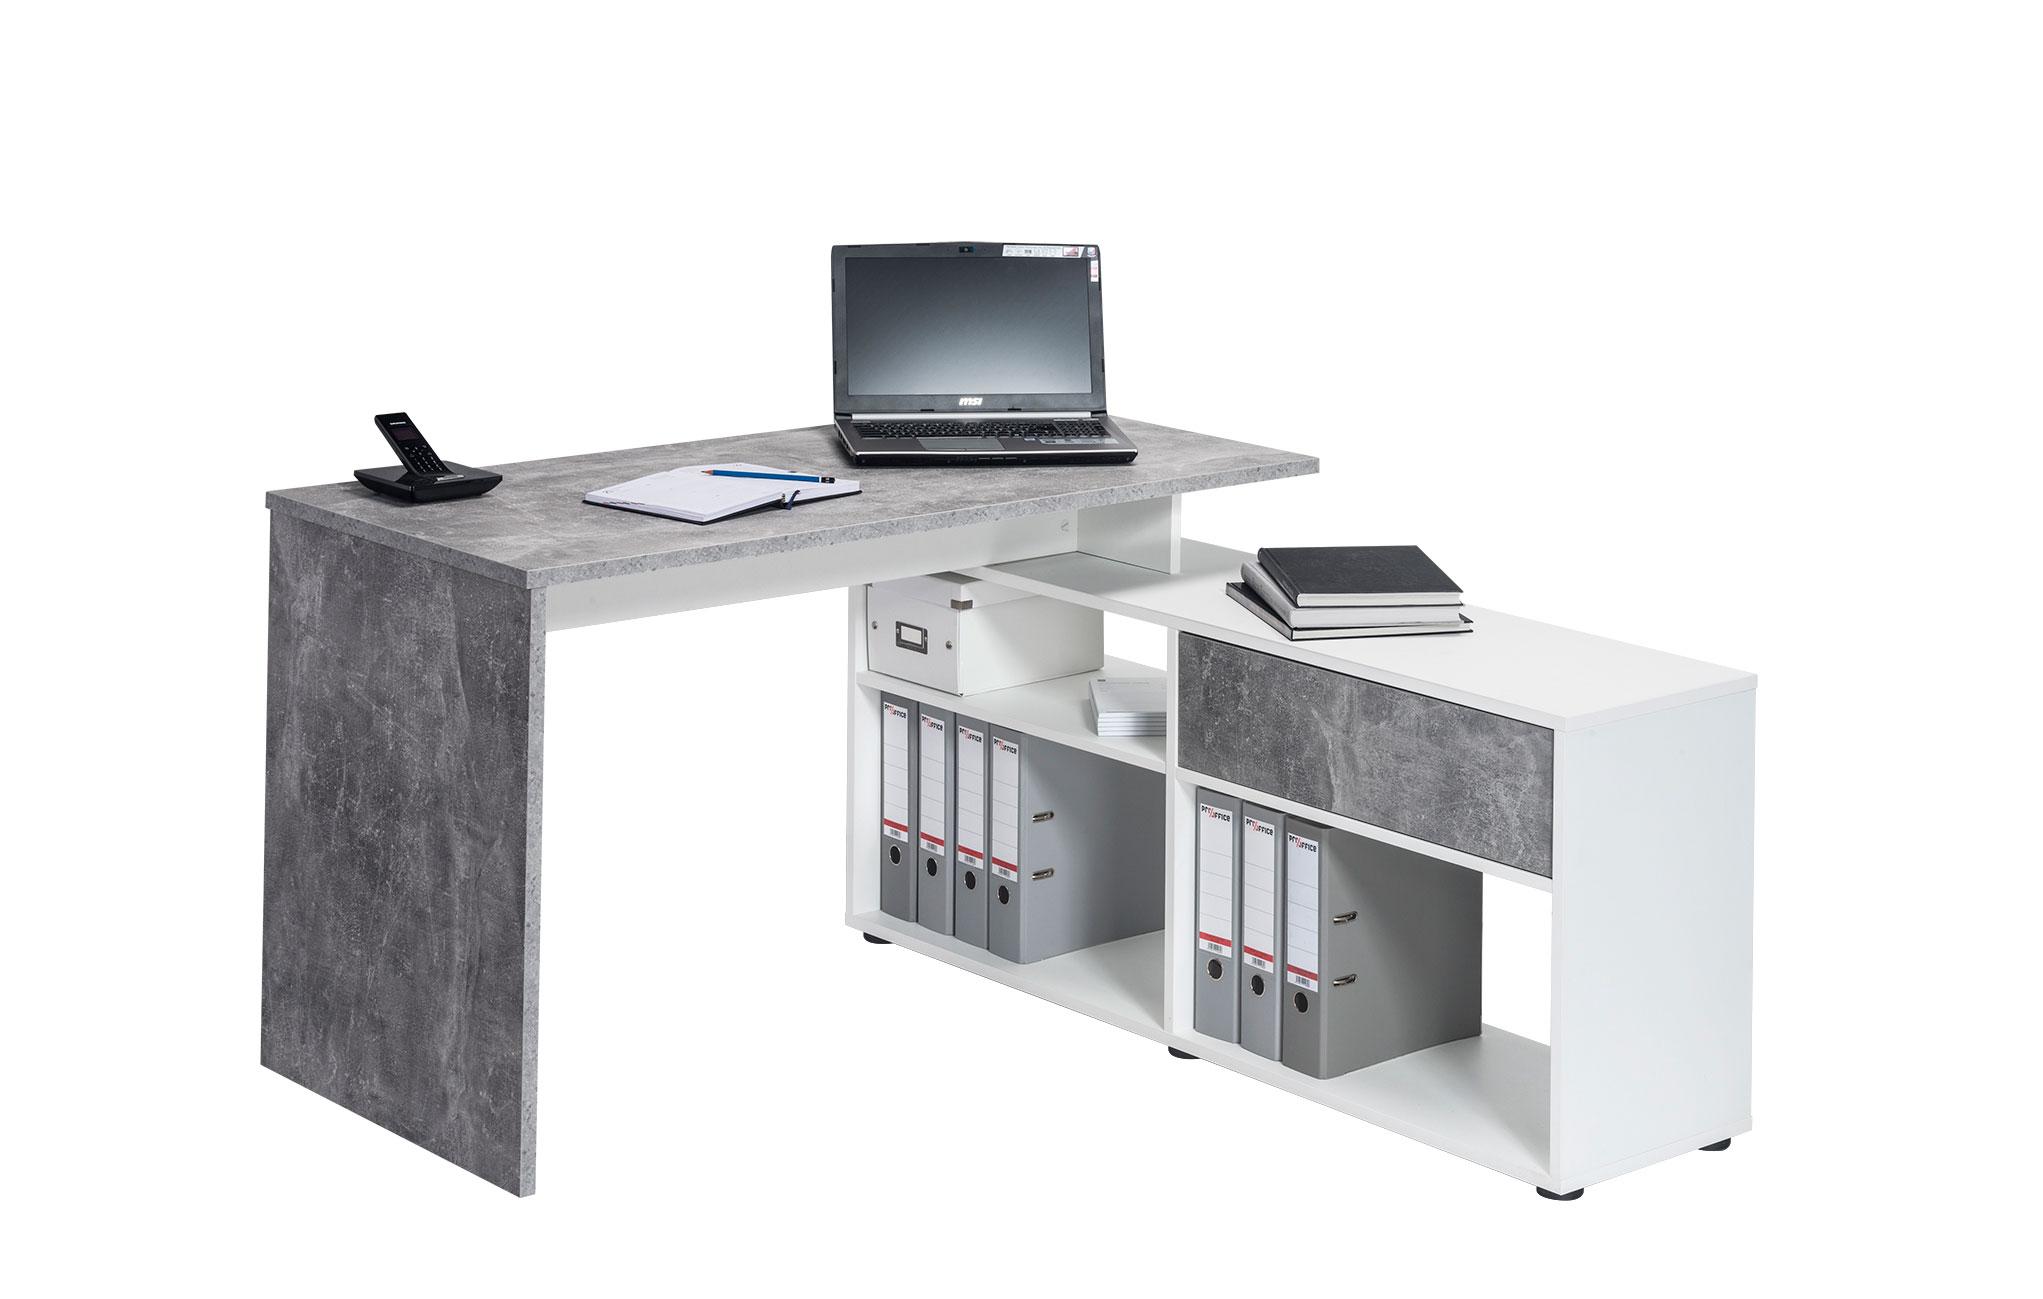 Bureau led connecté technologic gris et blanc meuble tv hifi